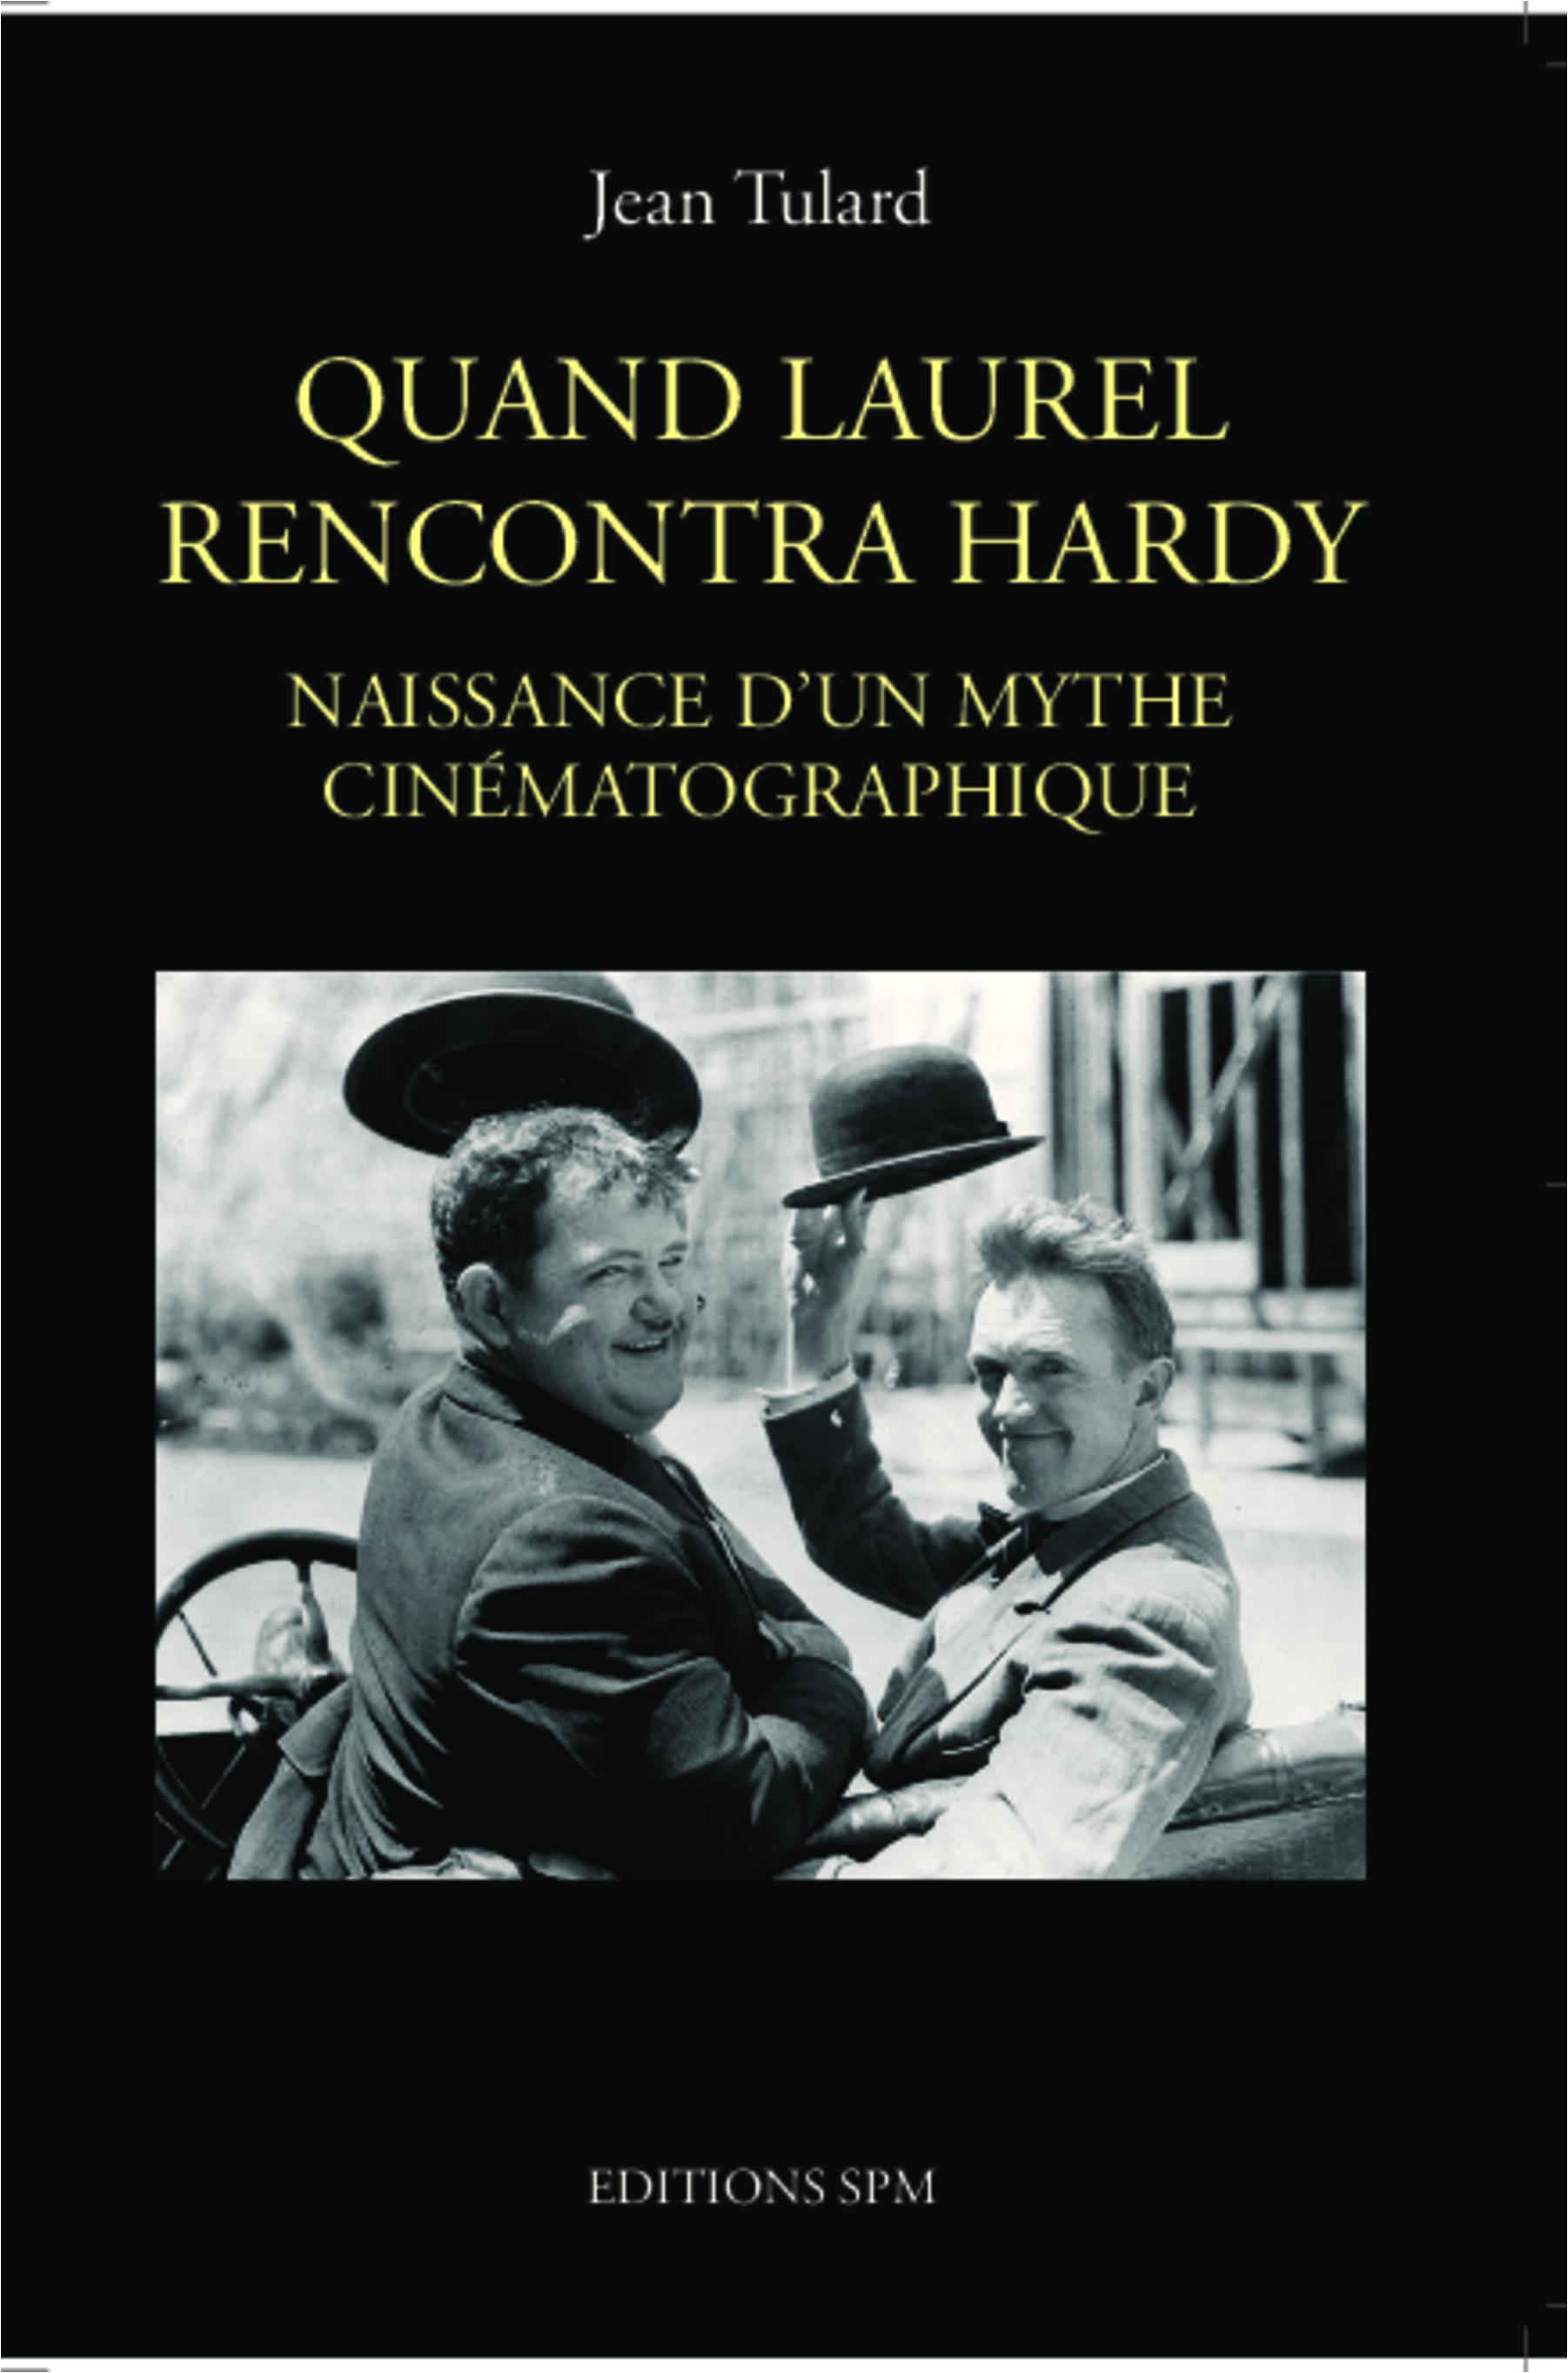 QUAND LAUREL RENCONTRE HARDY NAISSANCE D'UN MYTHE CINEMATOGRAPHIQUE